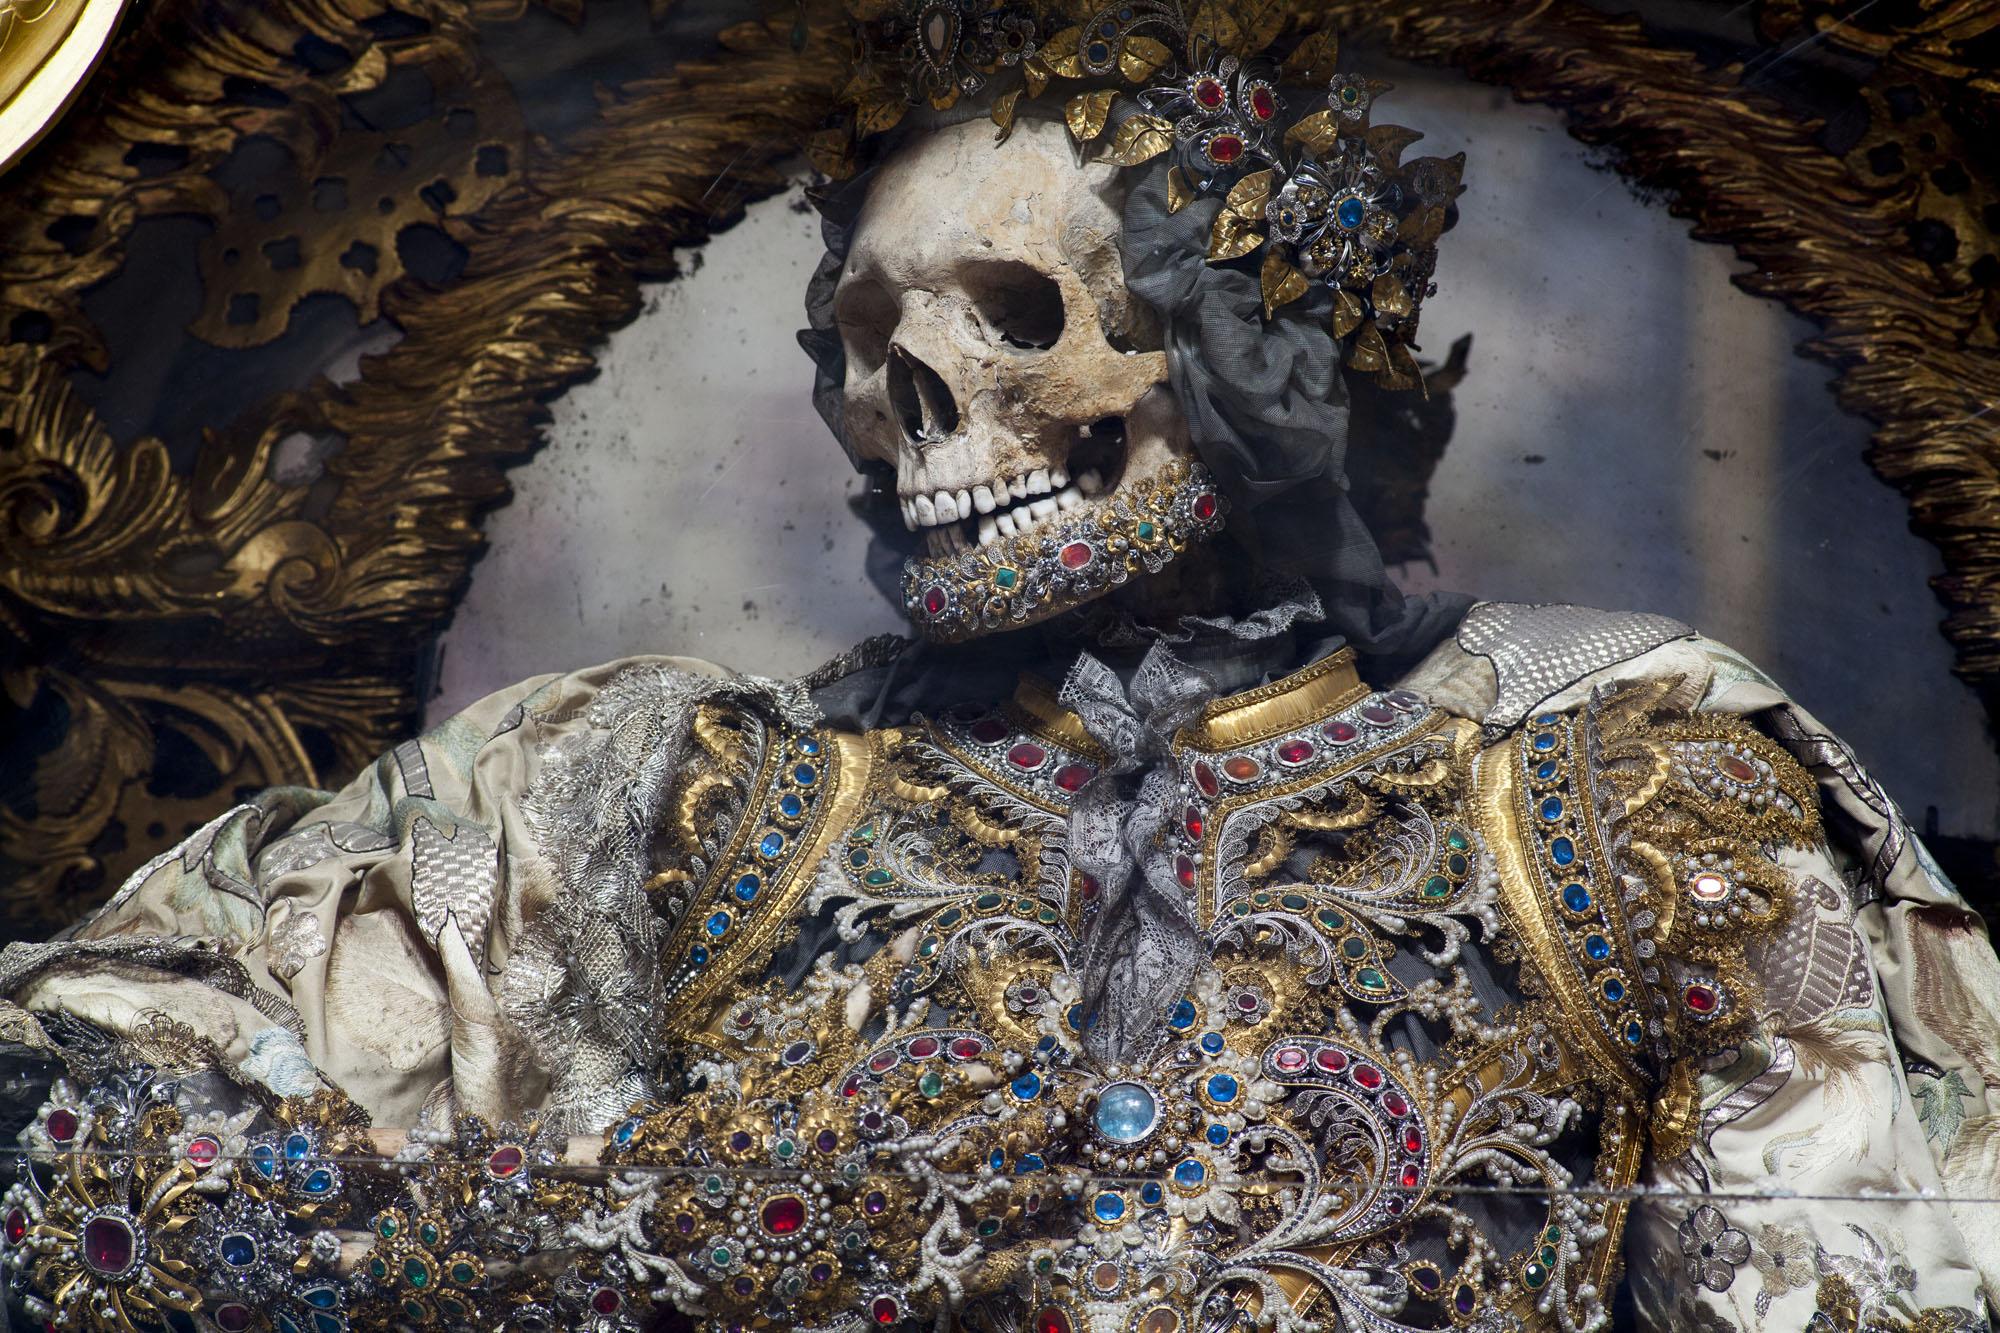 Конвейер бриллиантовых скелетов Paul-Koudounaris-Catacomb-Saints-Catholic-Martyrs.jpg